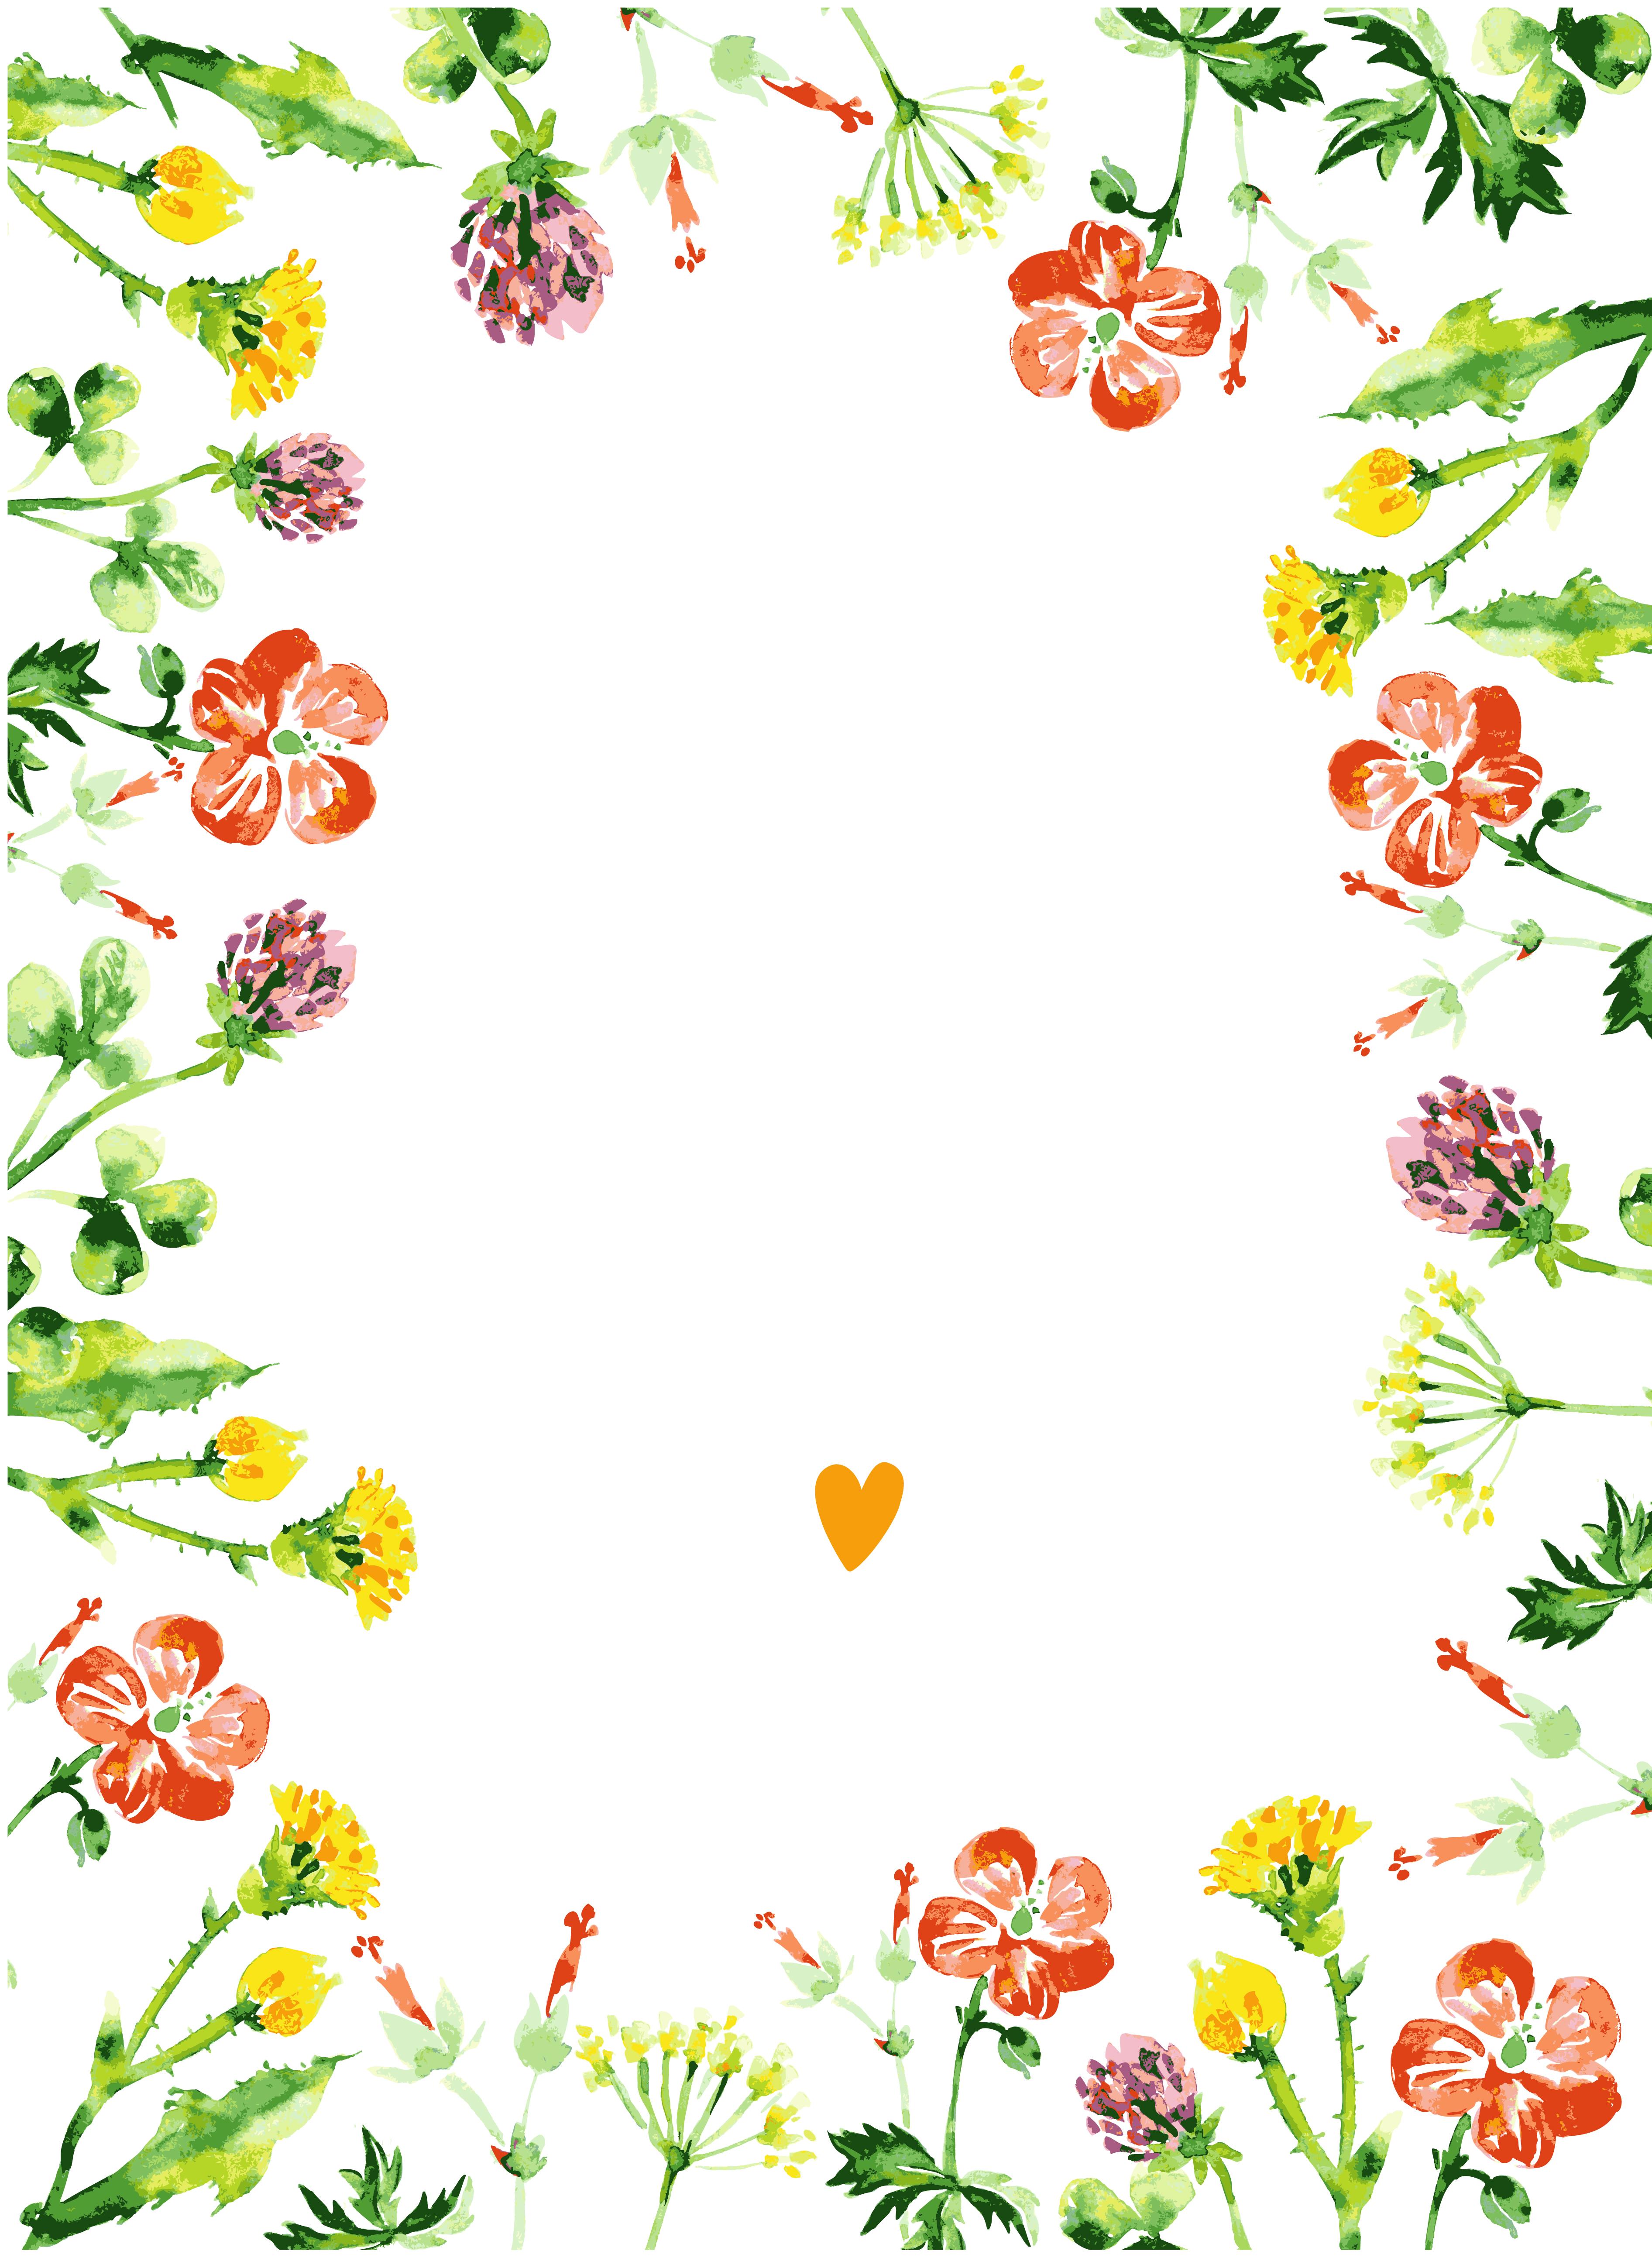 le motif d arri u00e8re plan guinness mod u00e8le hd des fleurs et